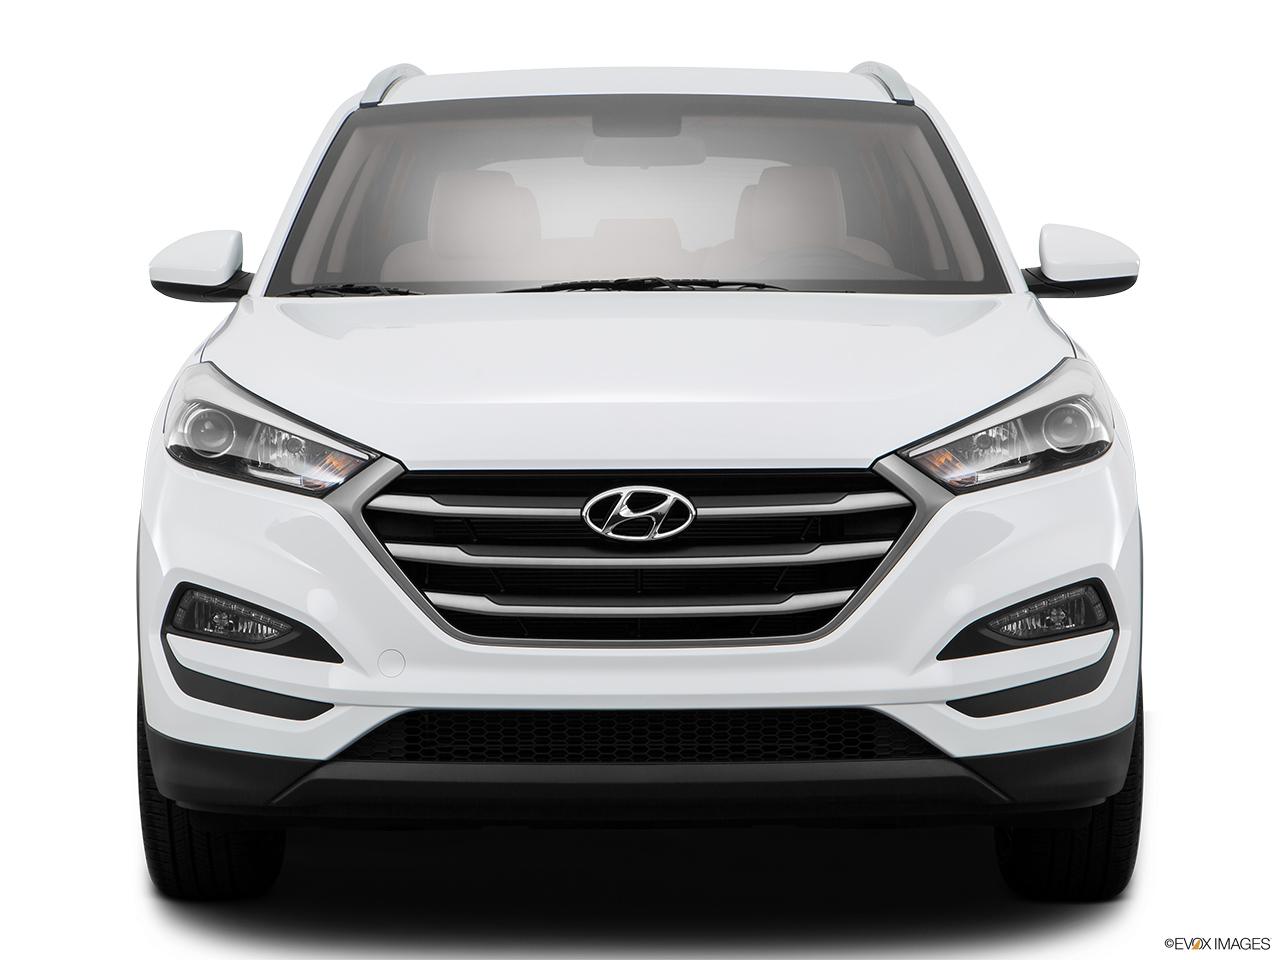 Hyundai Tucson 2016 2.4L AWD GL, Qatar, Low/wide Front.